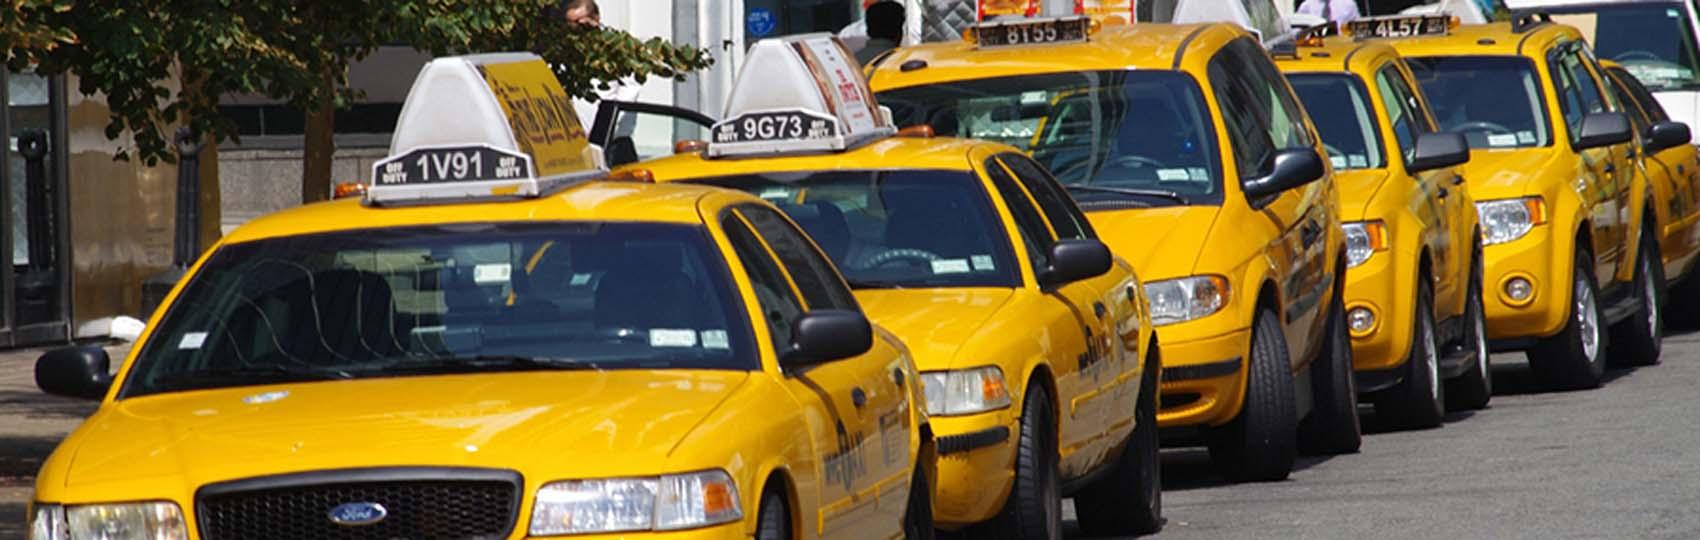 Noticias del sector del taxi y la movilidad en Ucrania. Mantente informado de todas las noticias del taxi de Ucrania en el grupo de Facebook de Todo Taxi.